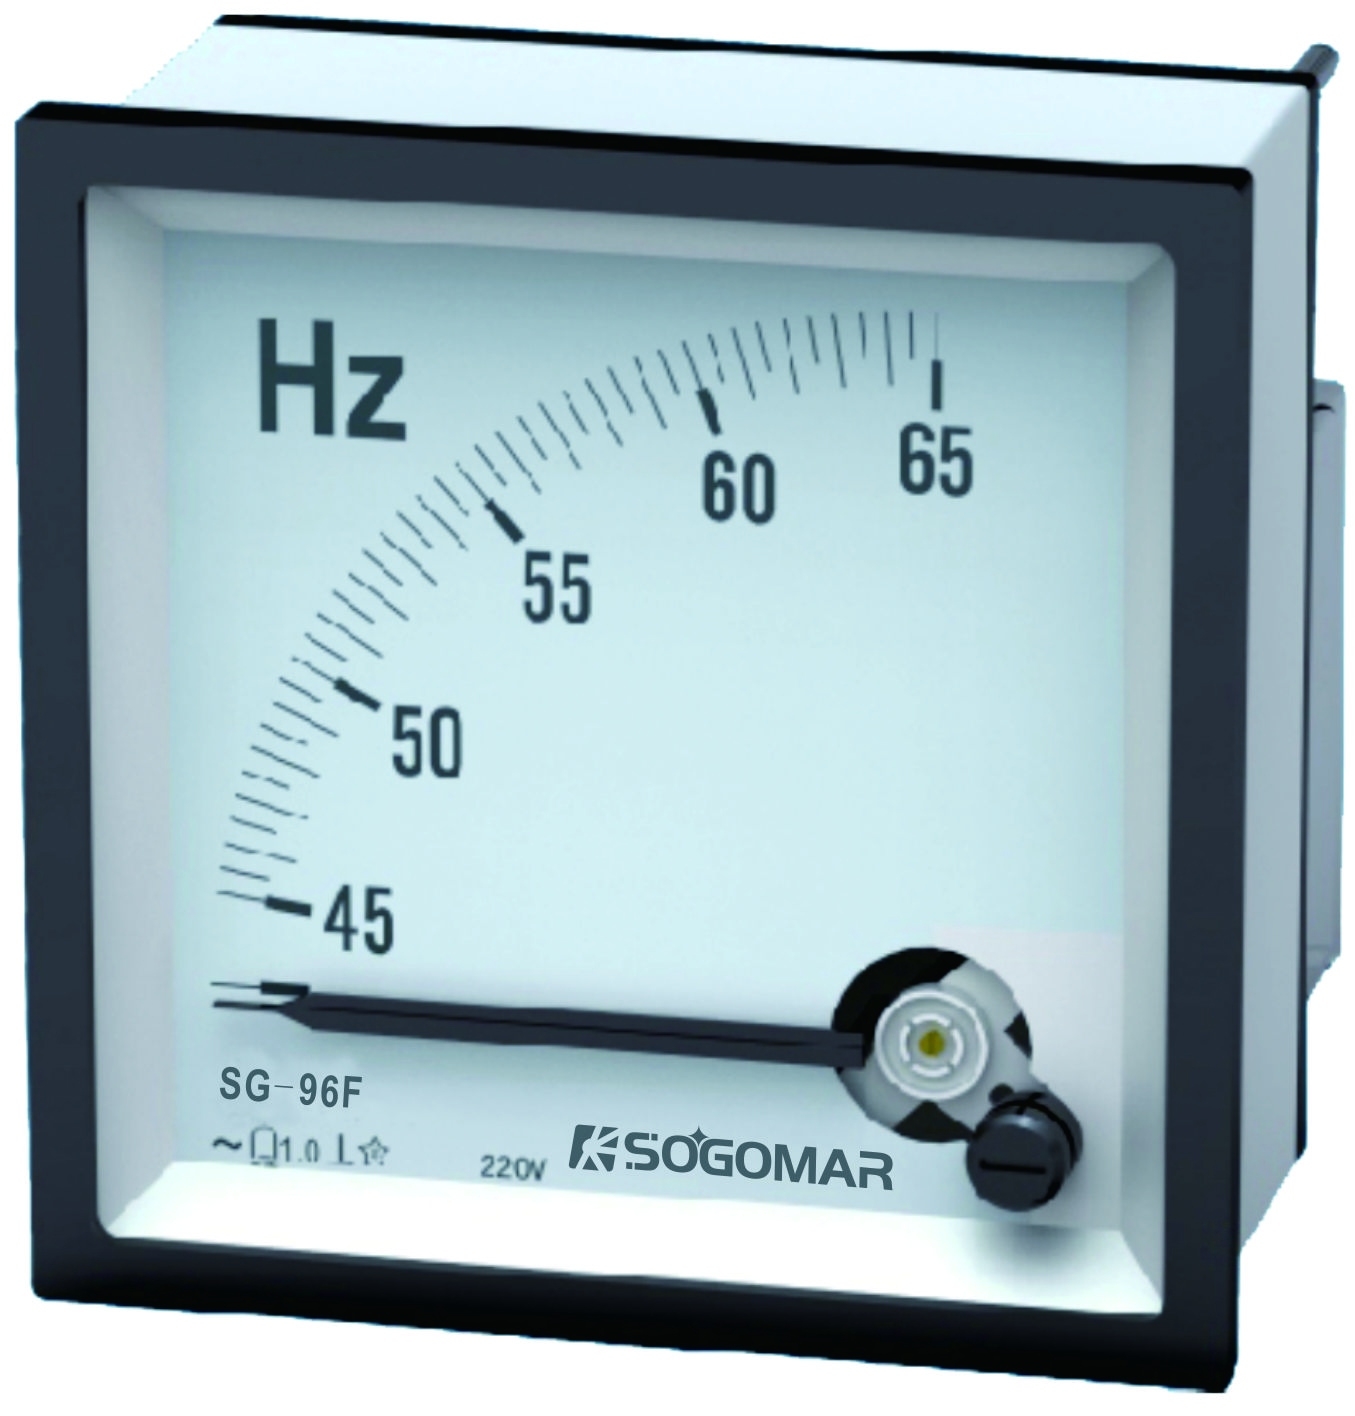 Panel Meter SG-96F